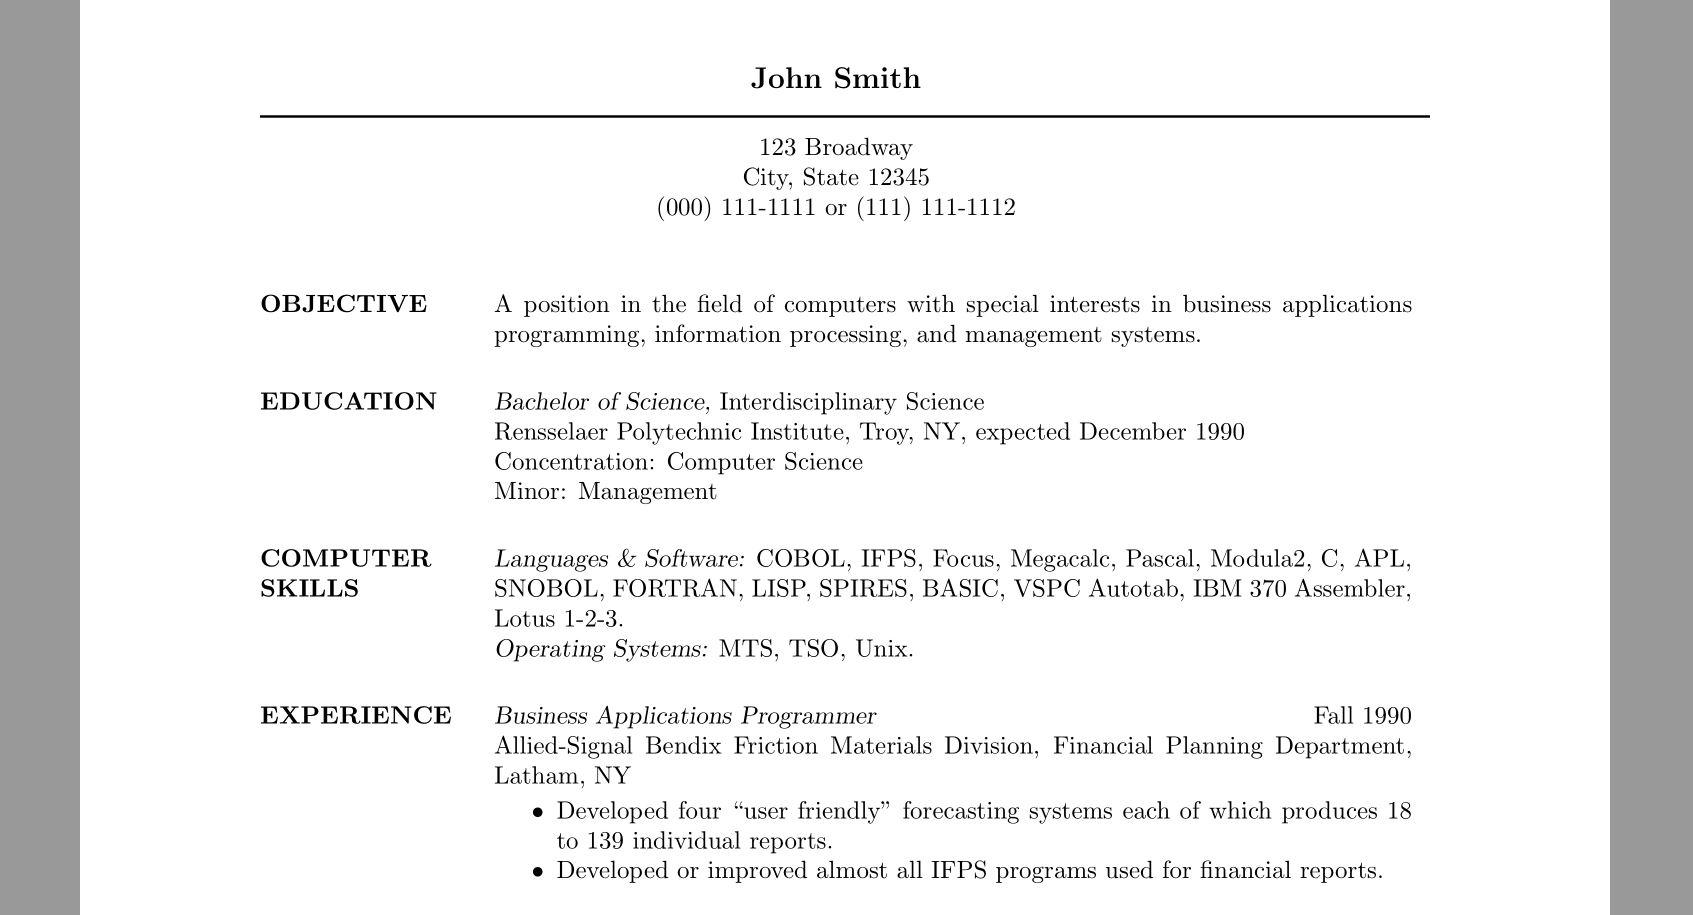 Resume Format Line Spacing